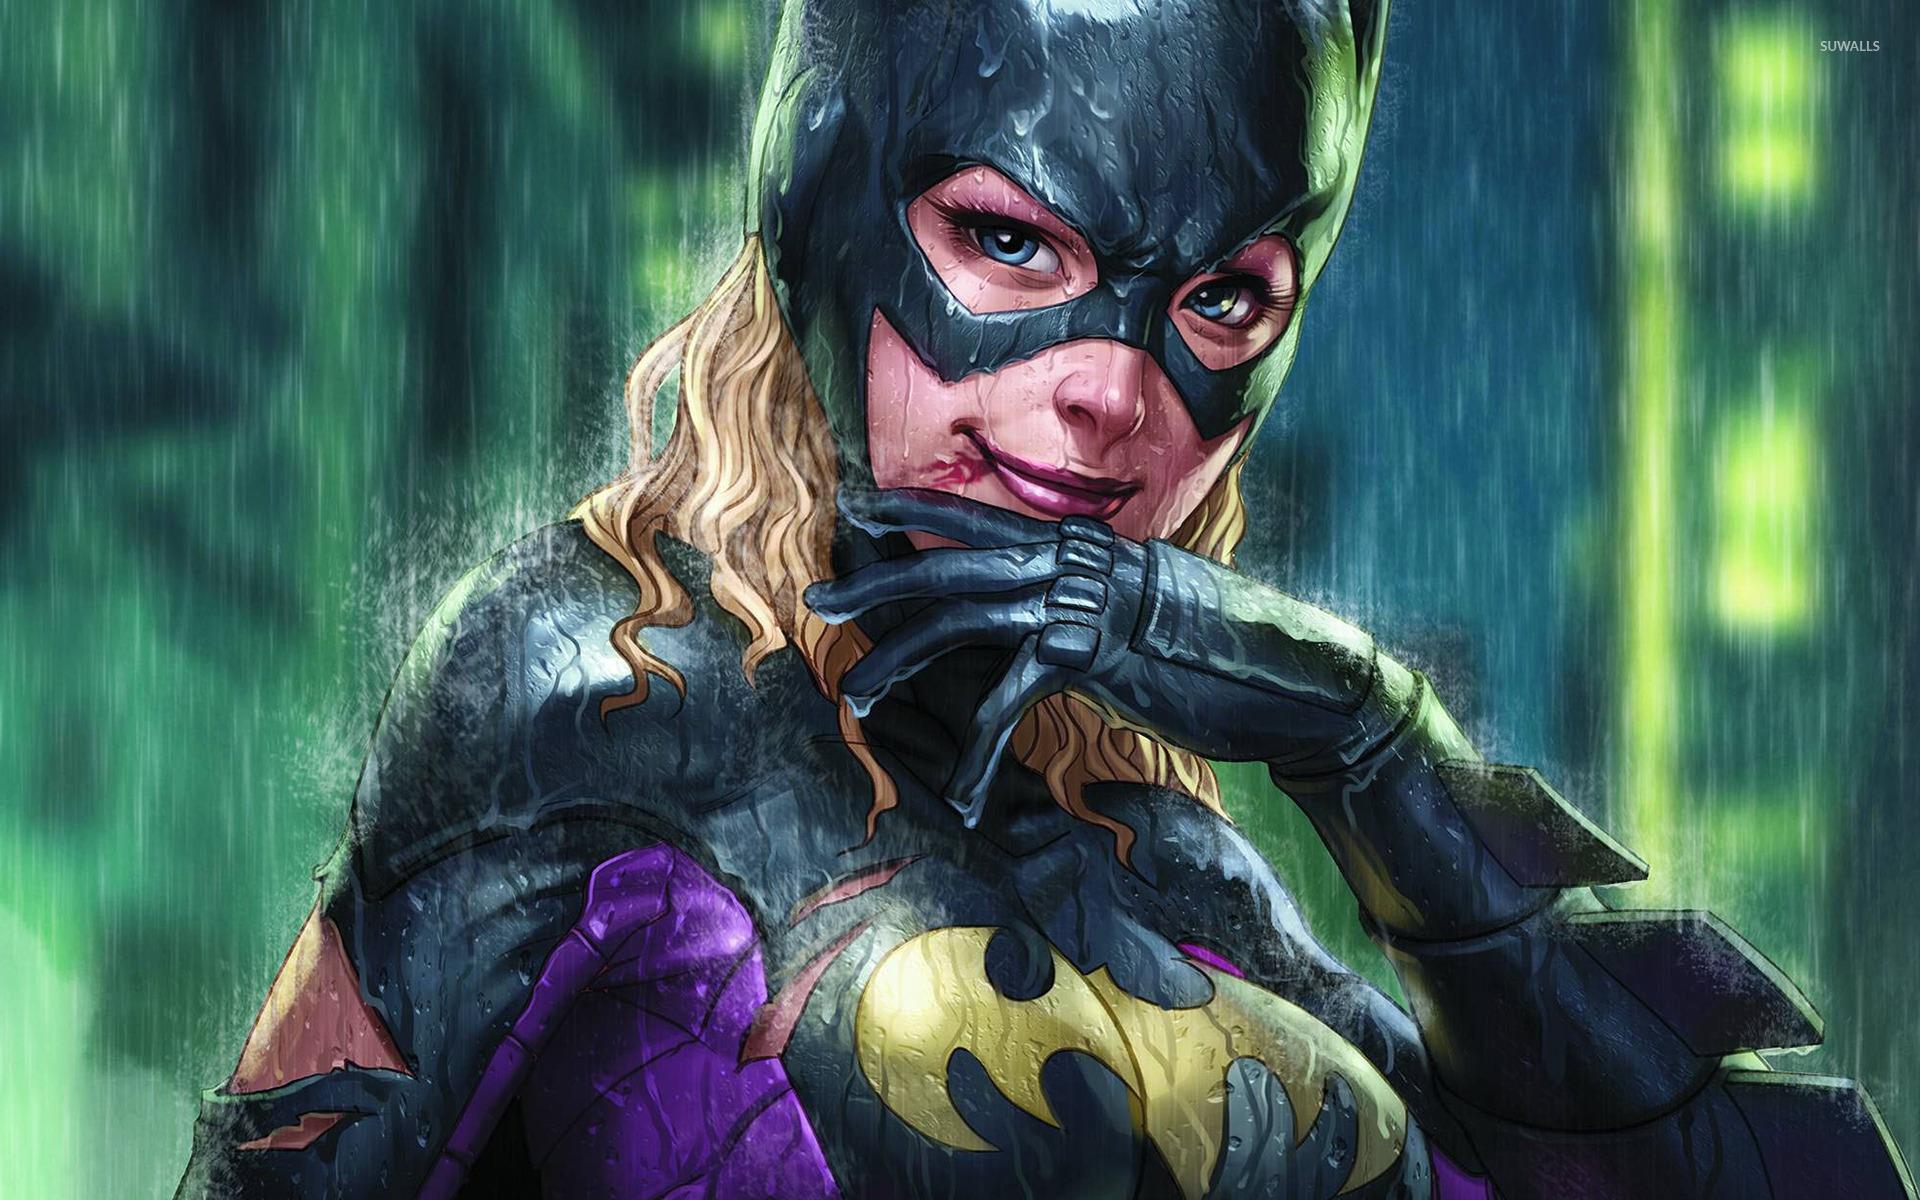 batgirl from dc comics wallpaper - photo #6